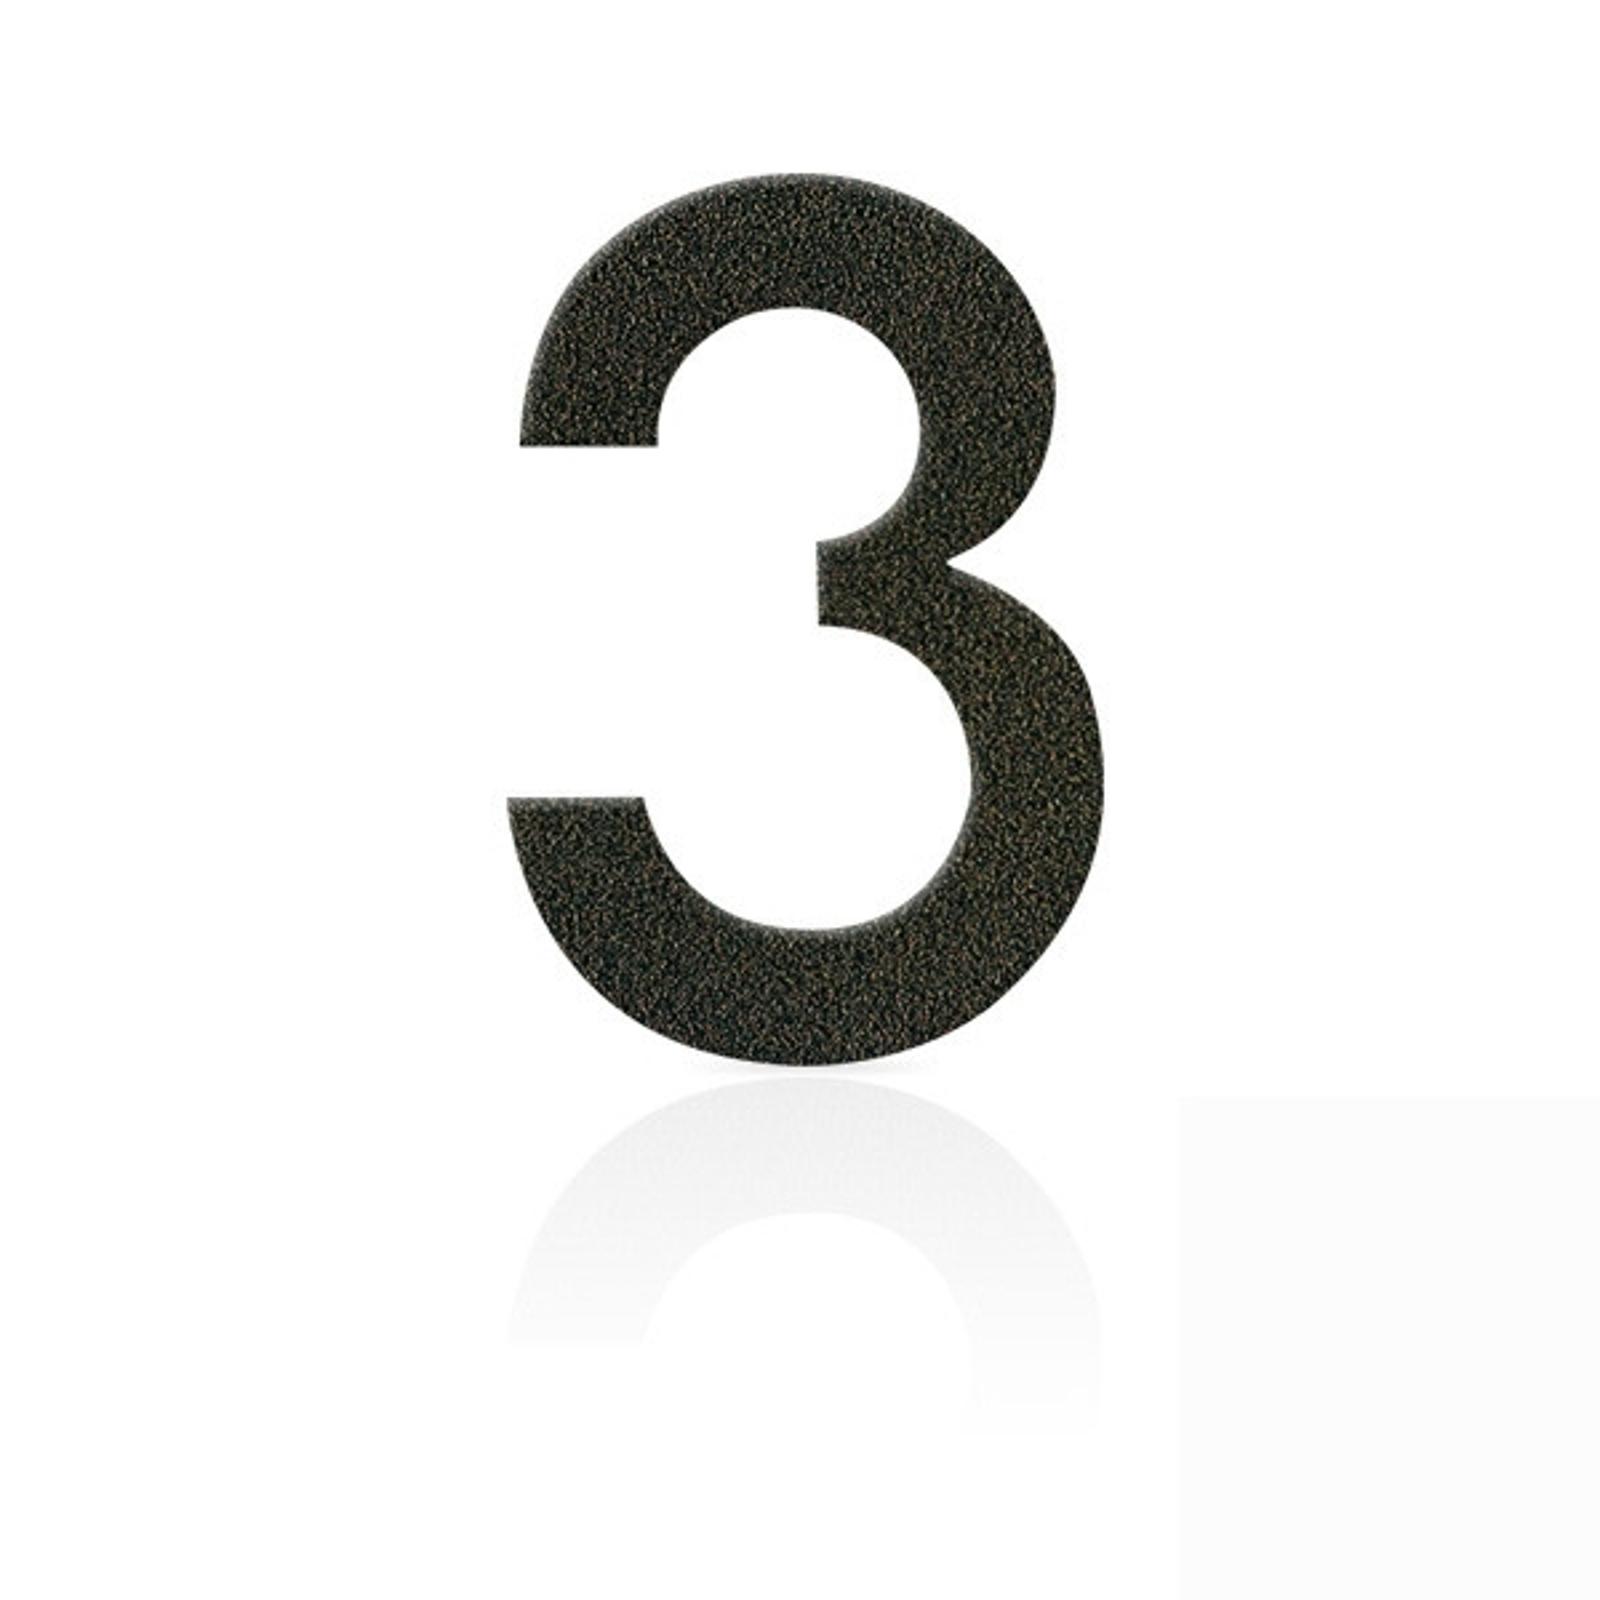 Produktové foto Heibi Nerezová domovní čísla číslice 3, hnědá mocca